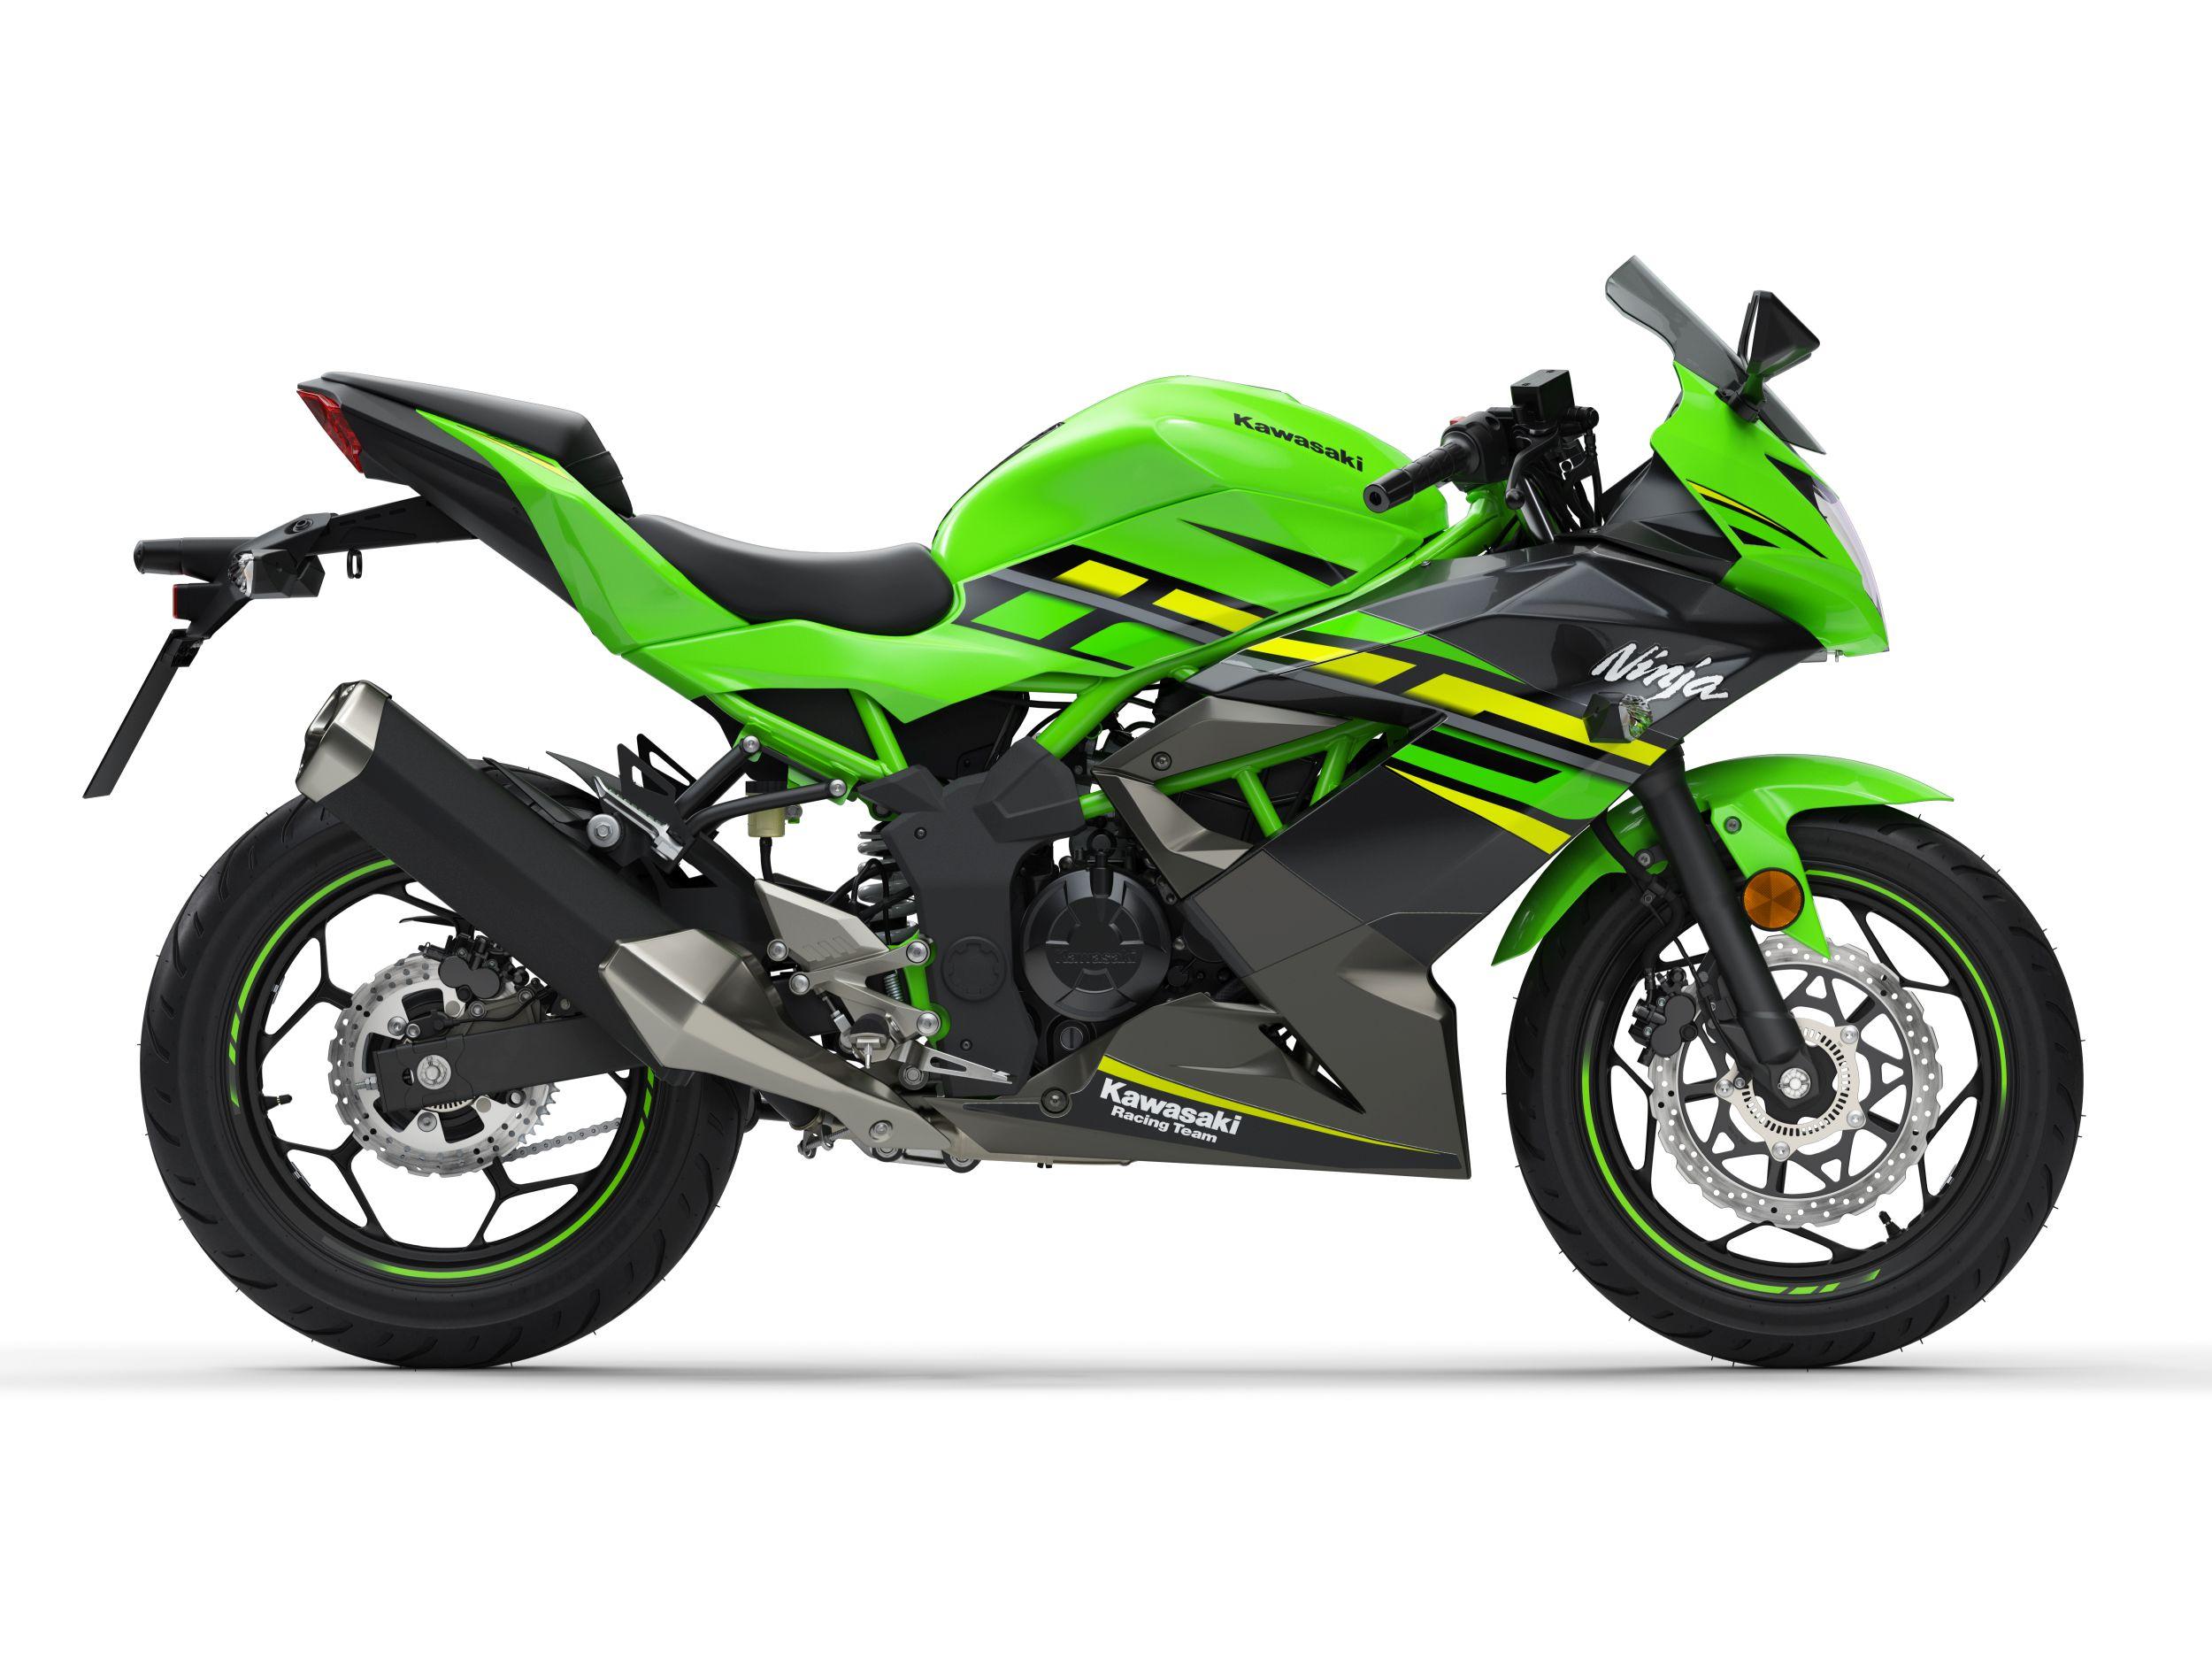 gebrauchte und neue kawasaki ninja 125 motorr der kaufen